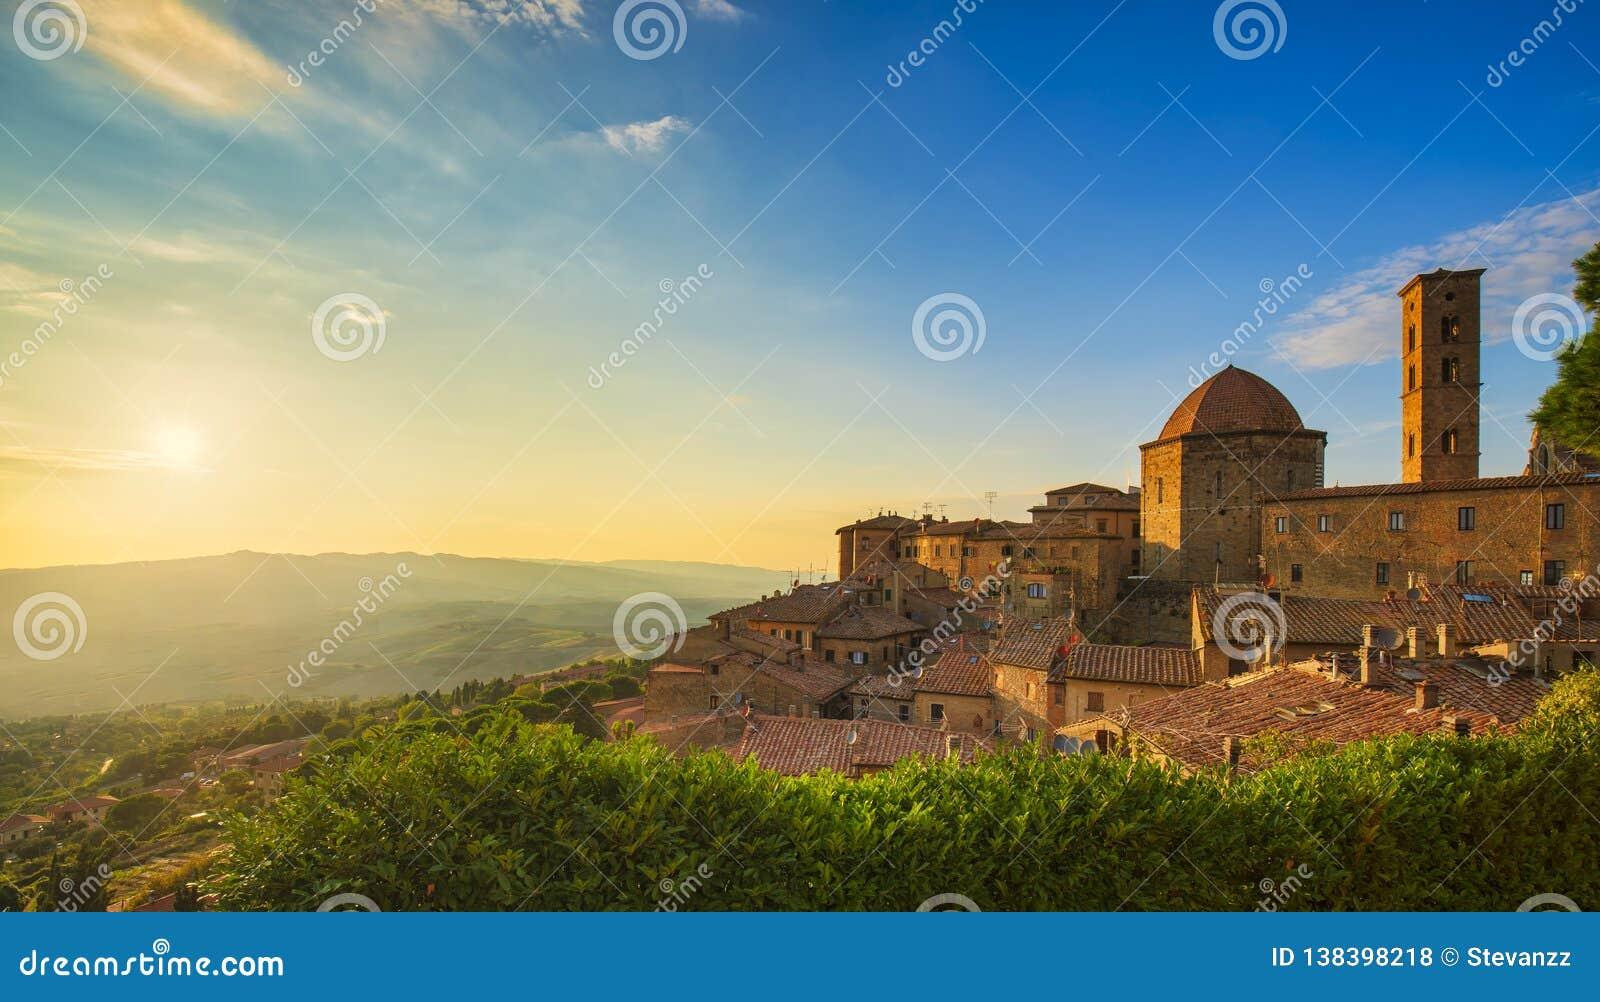 Toskana-, Volterra-Stadtskyline-, Kirchen- und Panoramaansicht über Sonnenuntergang Italien